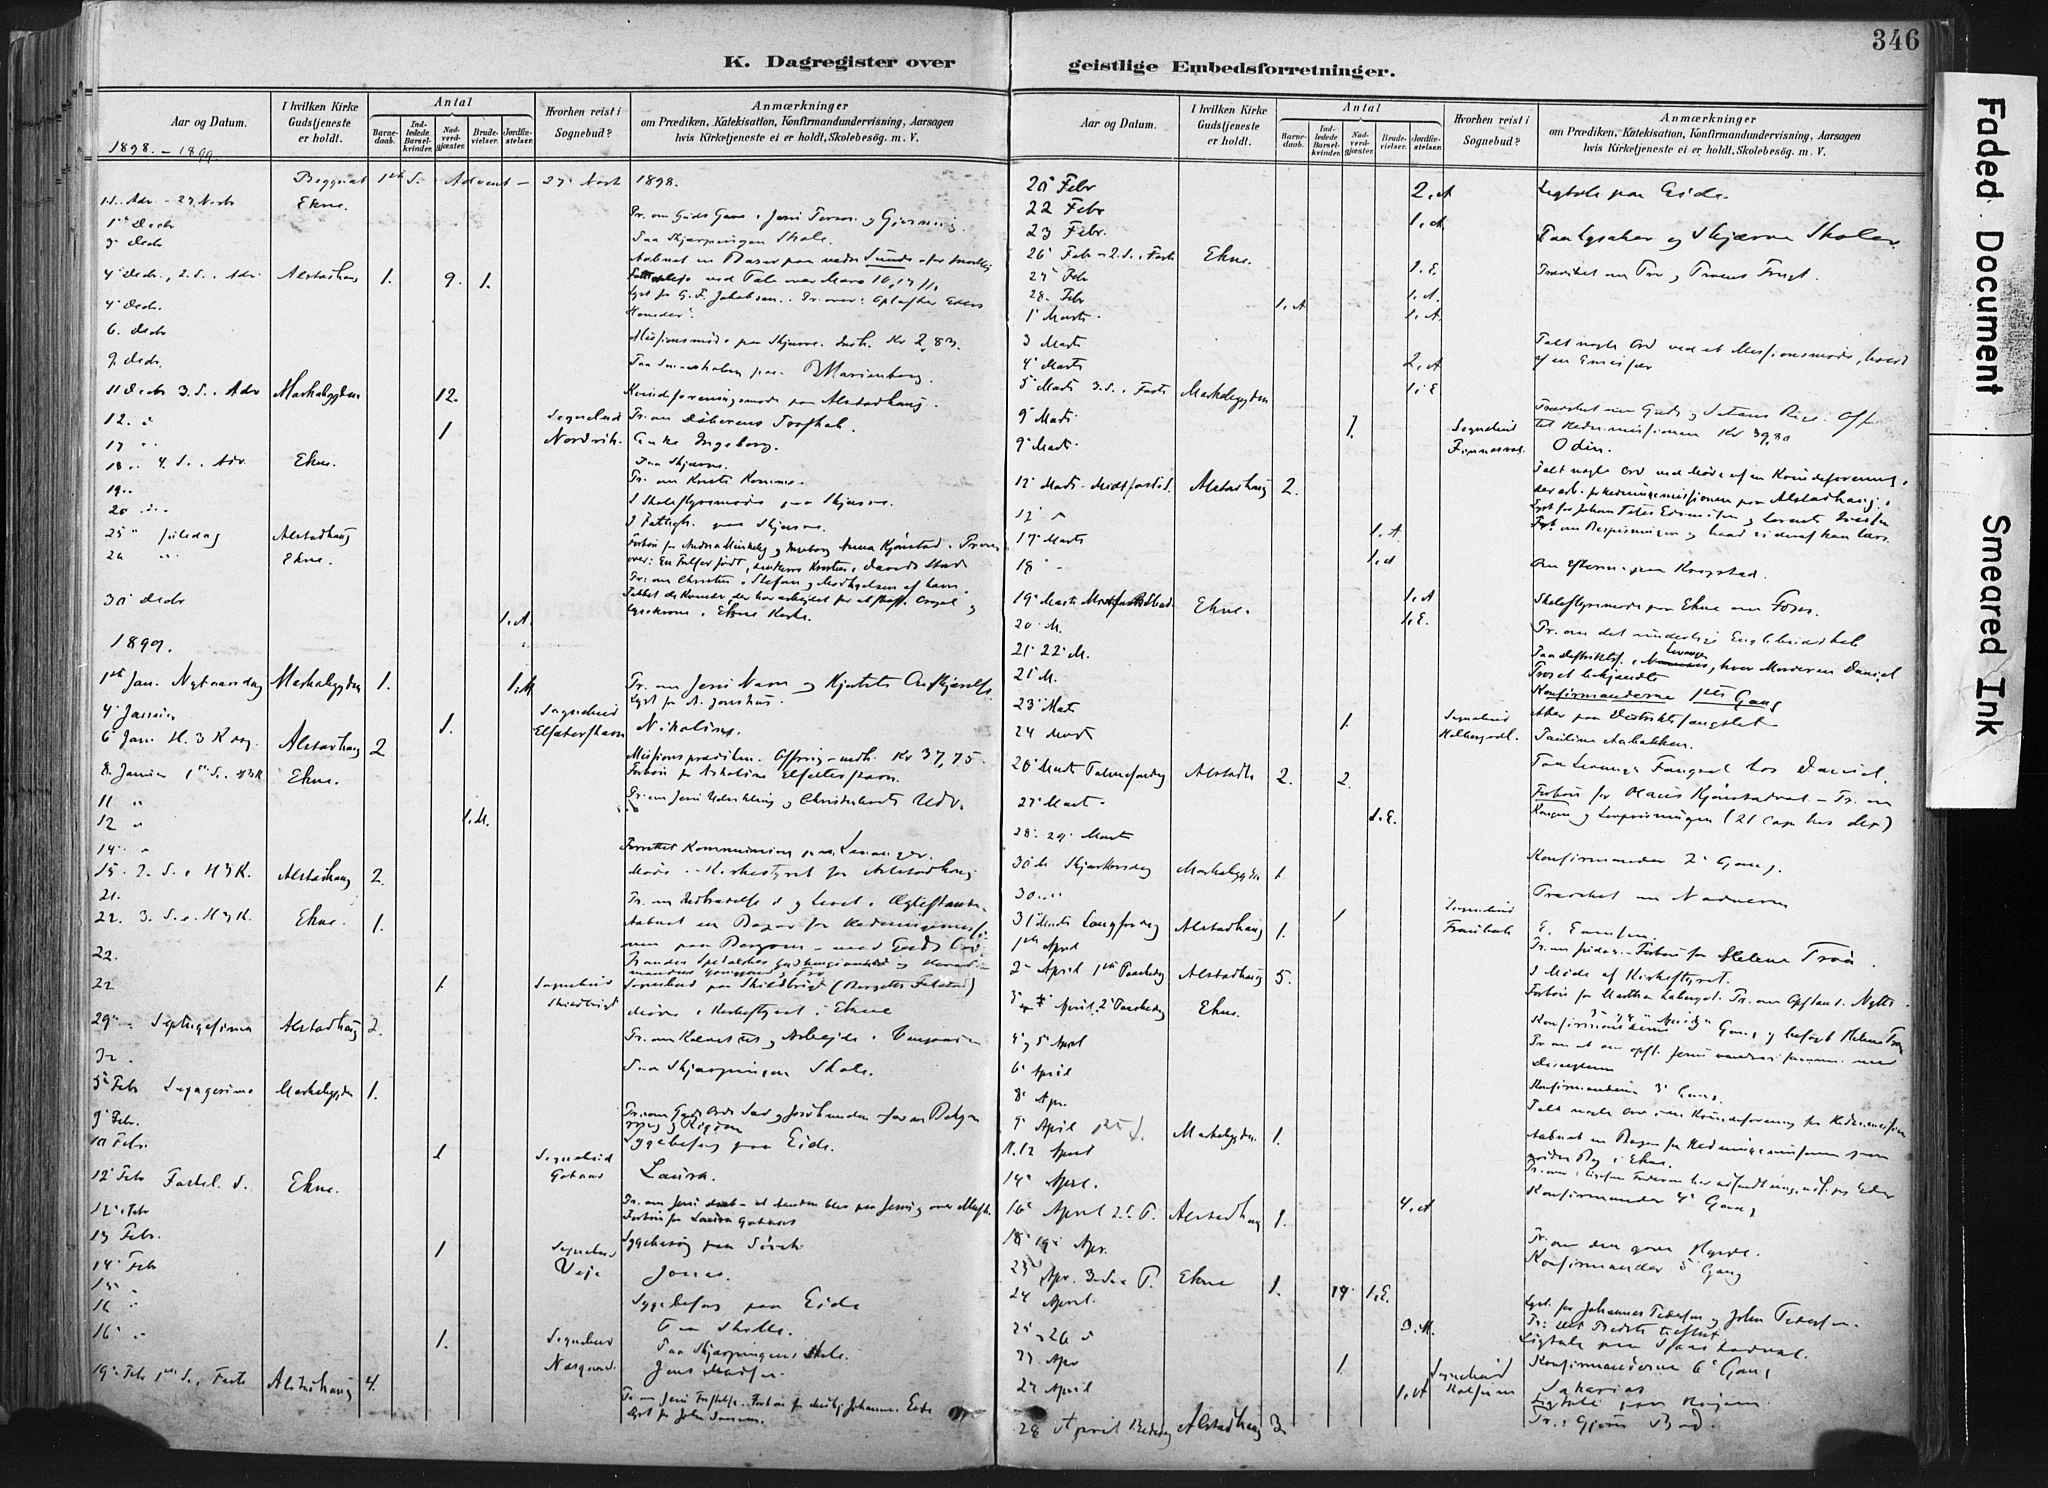 SAT, Ministerialprotokoller, klokkerbøker og fødselsregistre - Nord-Trøndelag, 717/L0162: Ministerialbok nr. 717A12, 1898-1923, s. 346